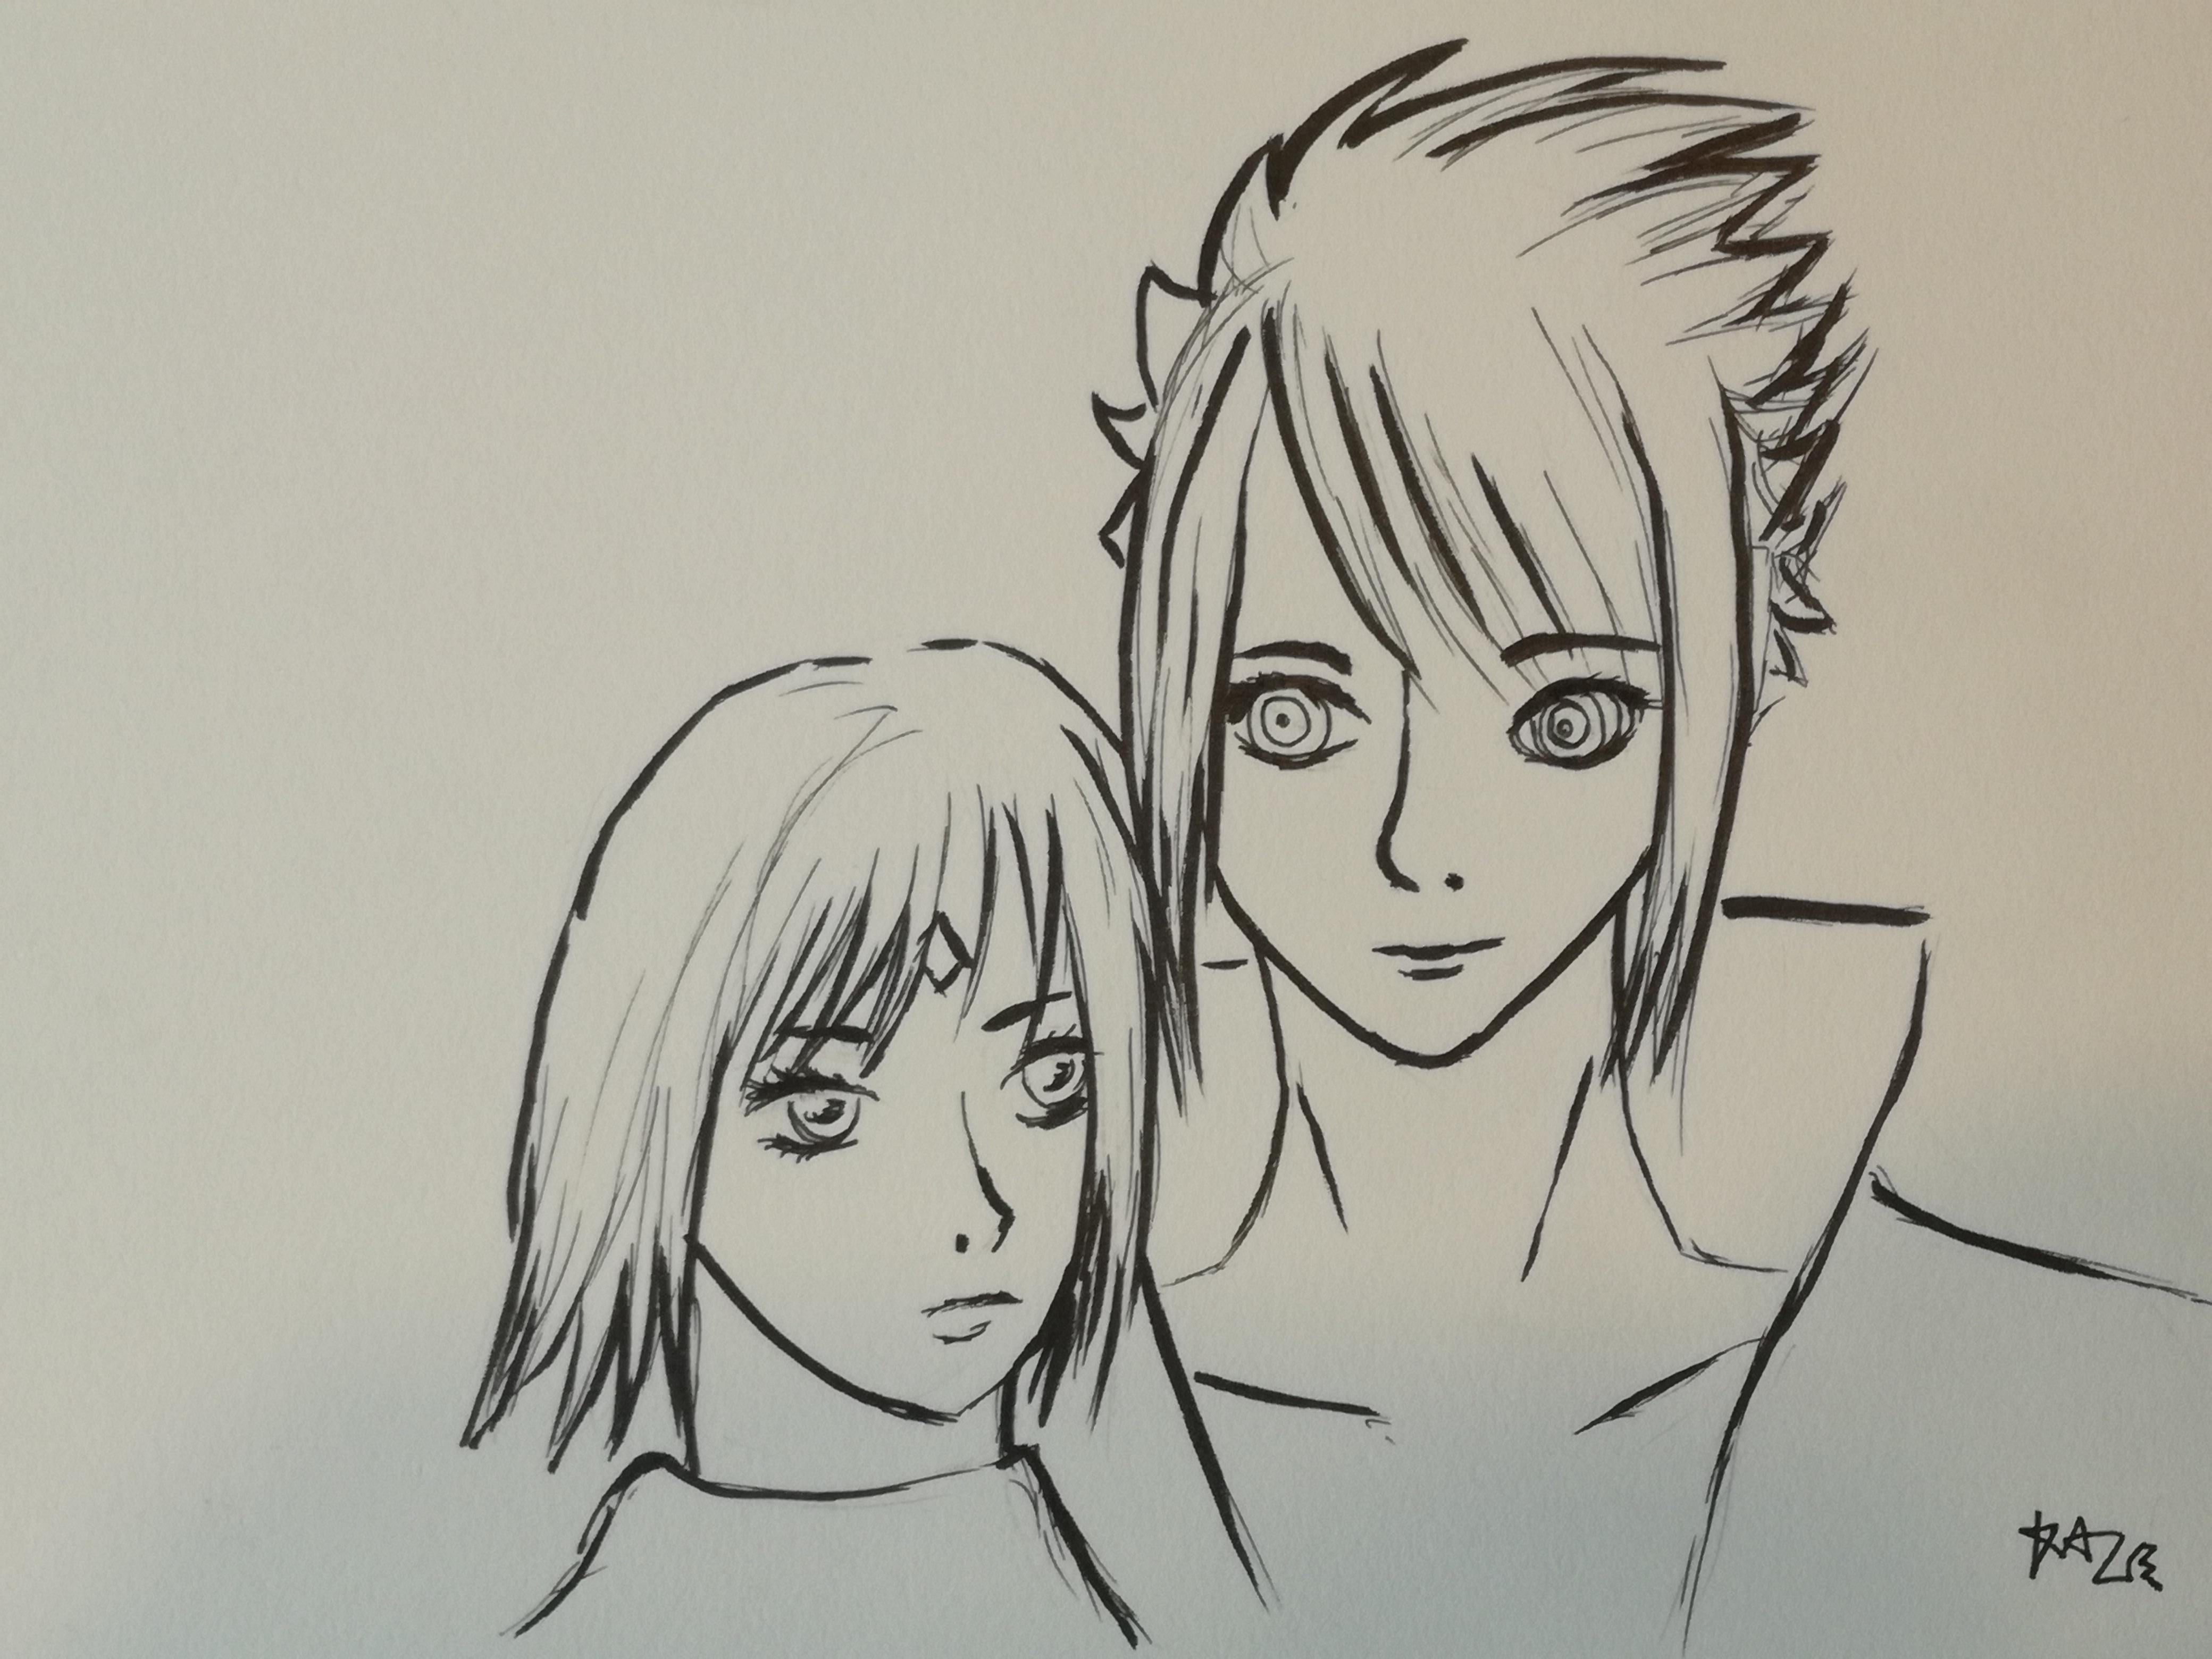 Sasuke and sakura fanart sketch